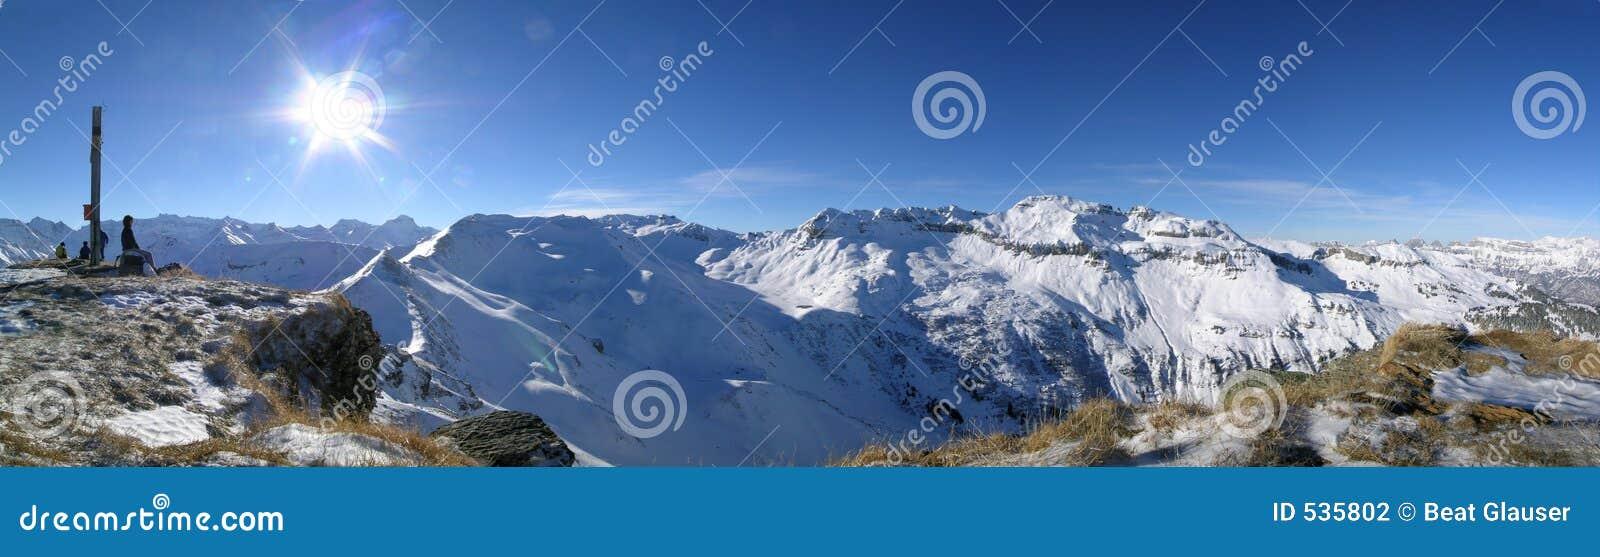 Download 鸡题头挂接 库存照片. 图片 包括有 雪板, 蓝色, 下坡, 修改, 滑雪, 打鼾的, 晒裂, 粉末, 天空 - 535802